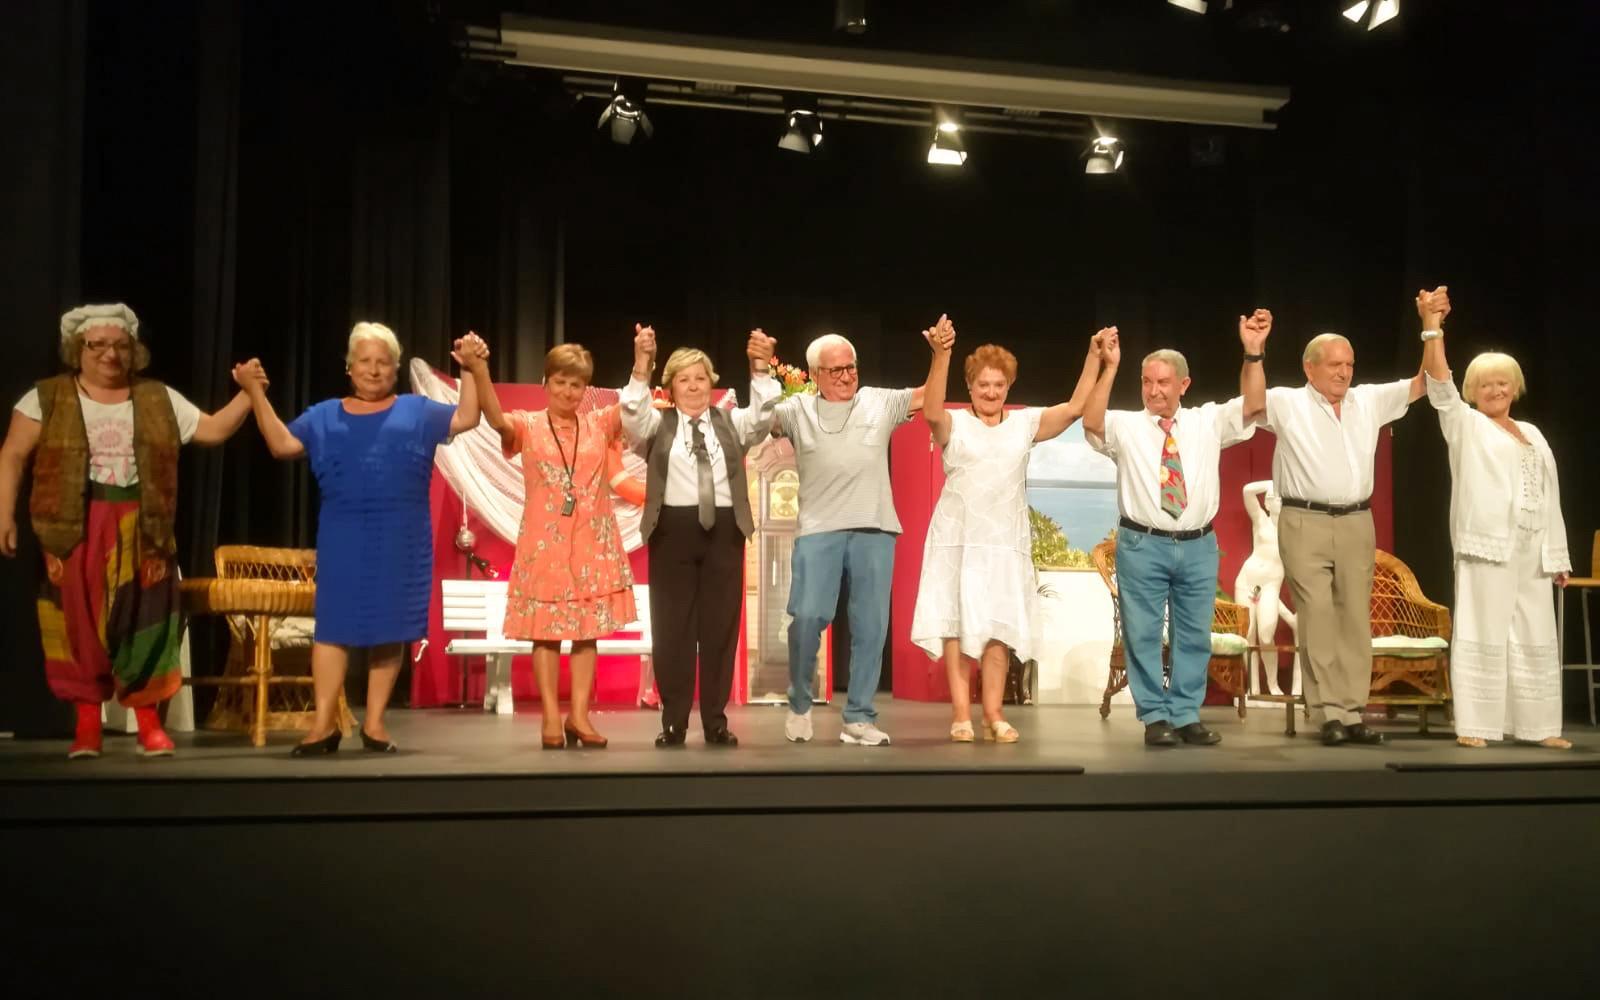 El teatre pren Santa Pola en el primer Certamen Autonòmic de Teatre Amateur que rep la vila marinera